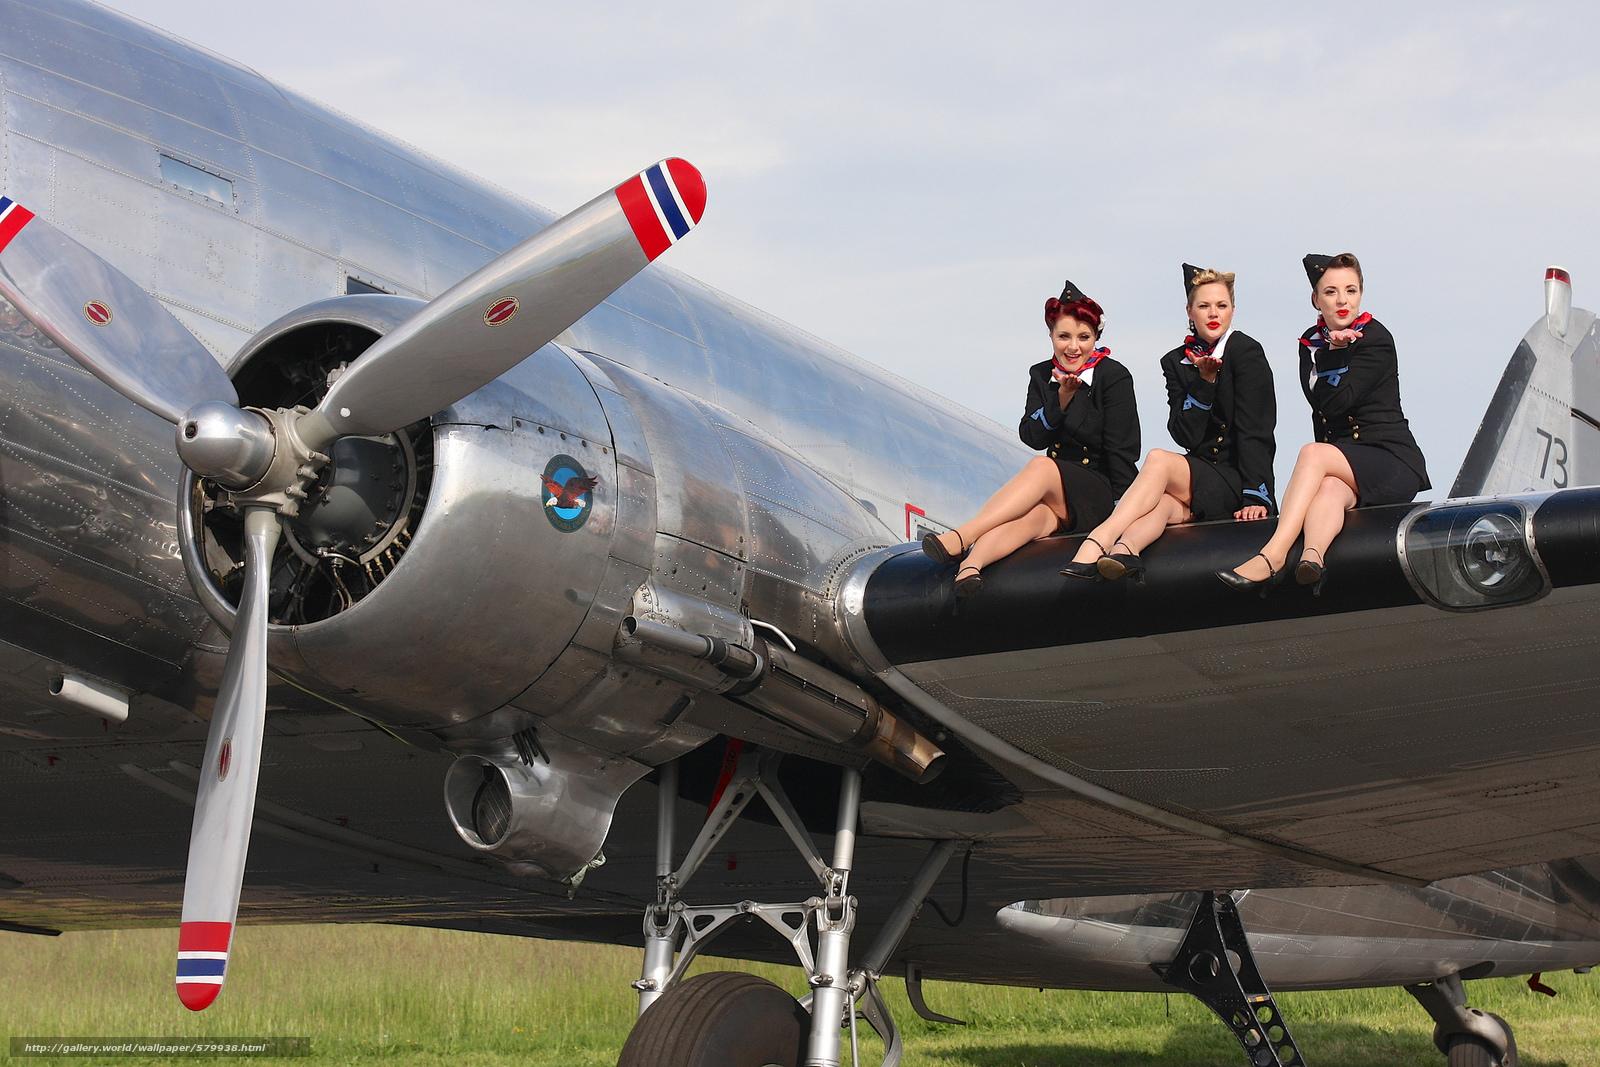 Скачать обои девушки,  военно-транспортный самолёт бесплатно для рабочего стола в разрешении 2048x1366 — картинка №579938